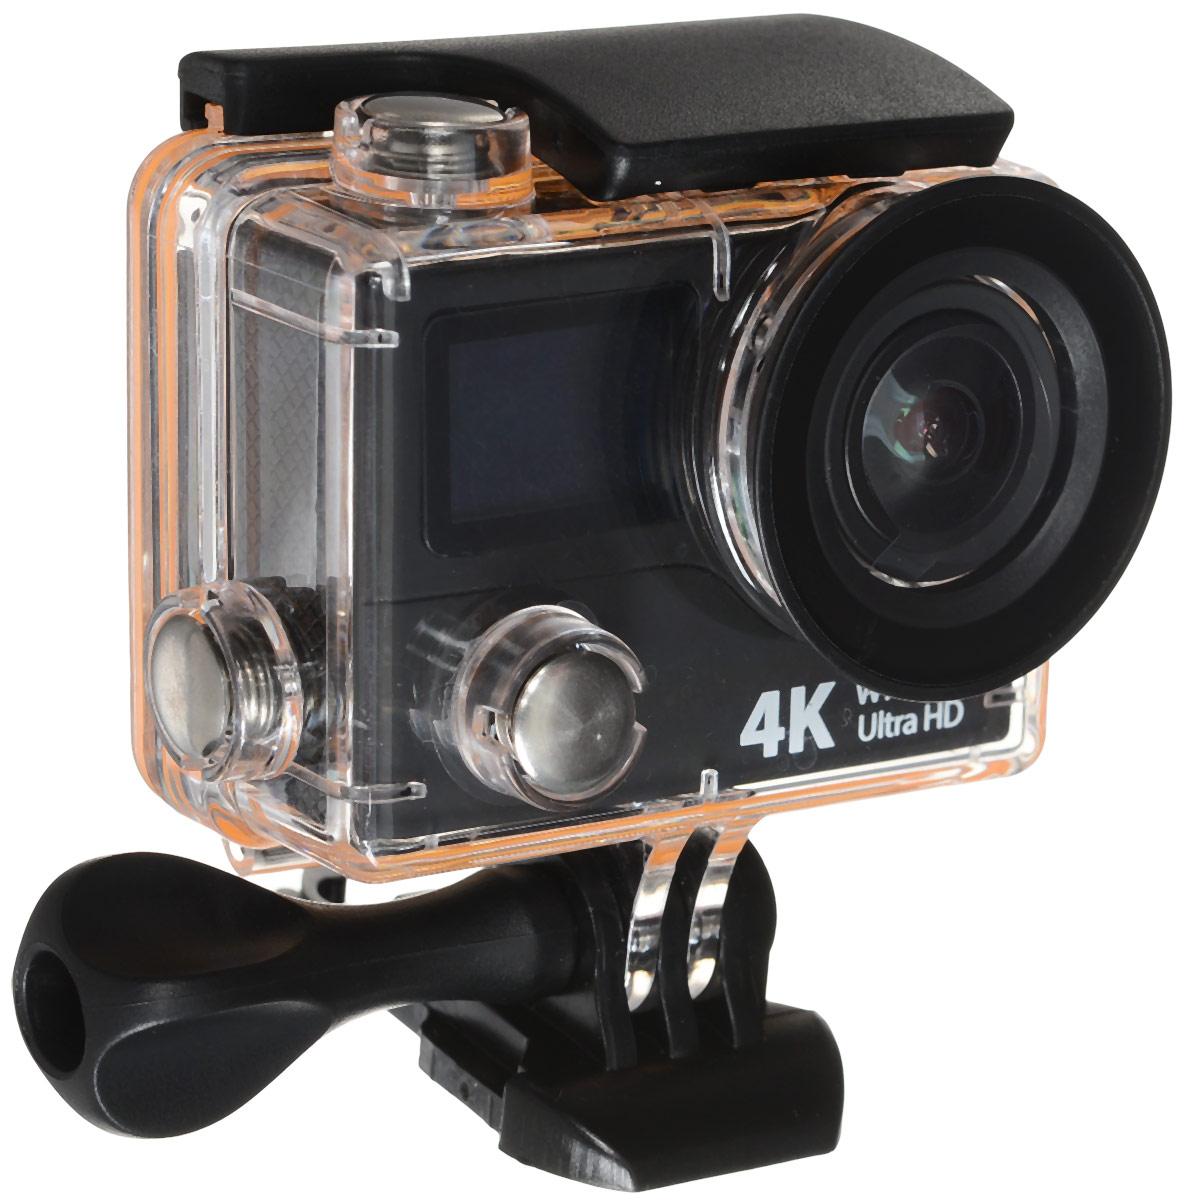 Eken H3R Ultra HD, Black экшн-камера